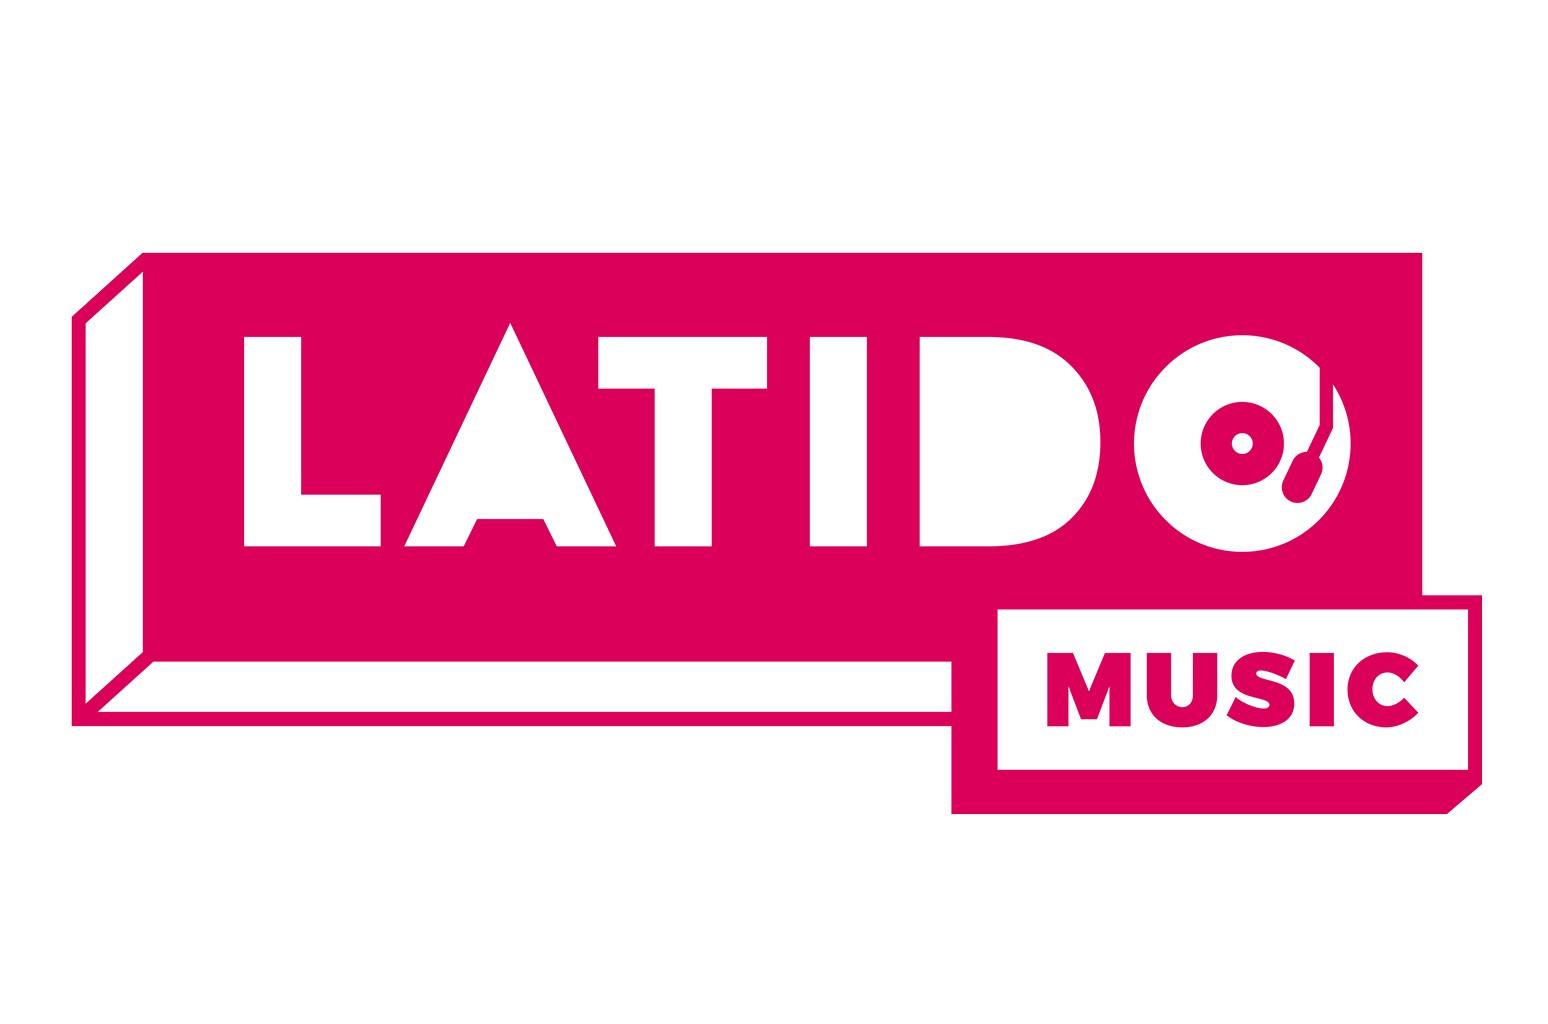 Latido Music